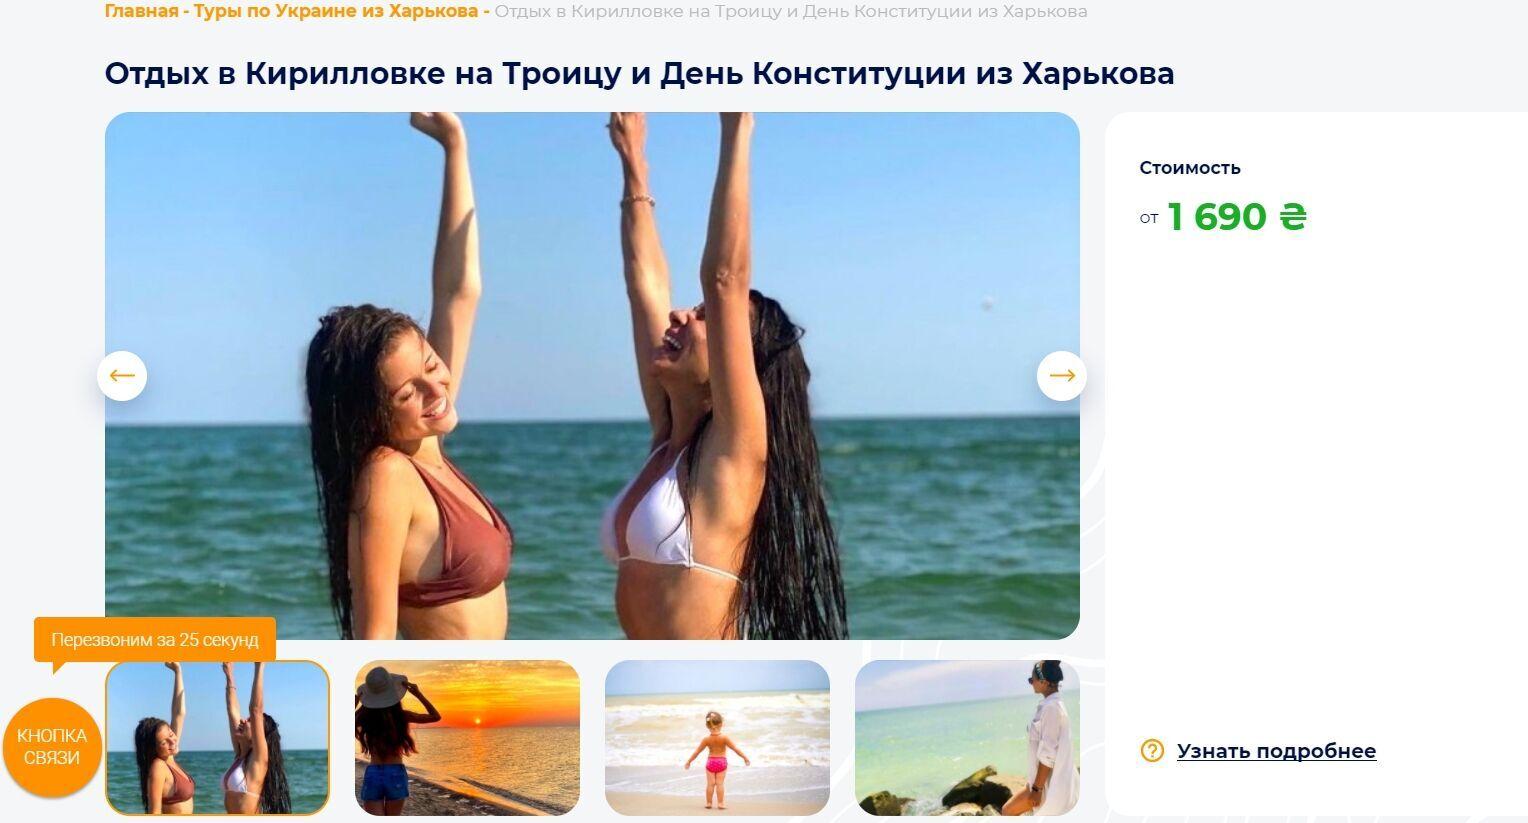 3 вихідних на День Конституції України обійдуться на морі в 1700 грн.